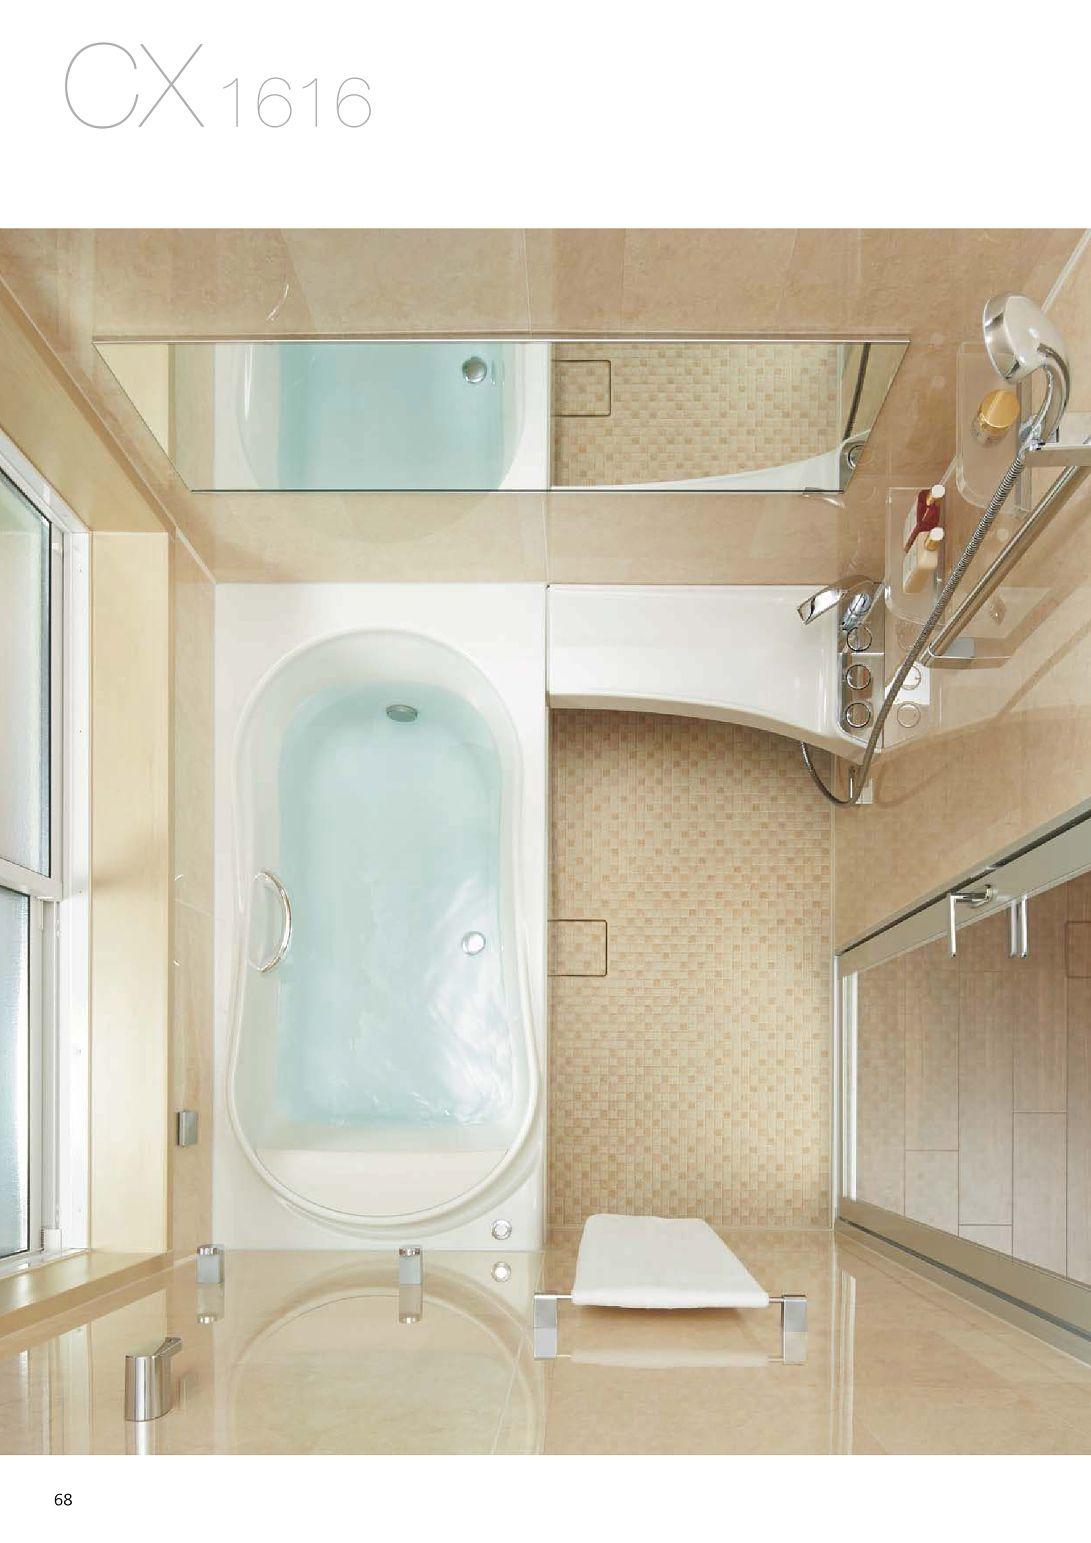 19スパージュカタログ 商品編 総ページ数 276 バスルーム 商品